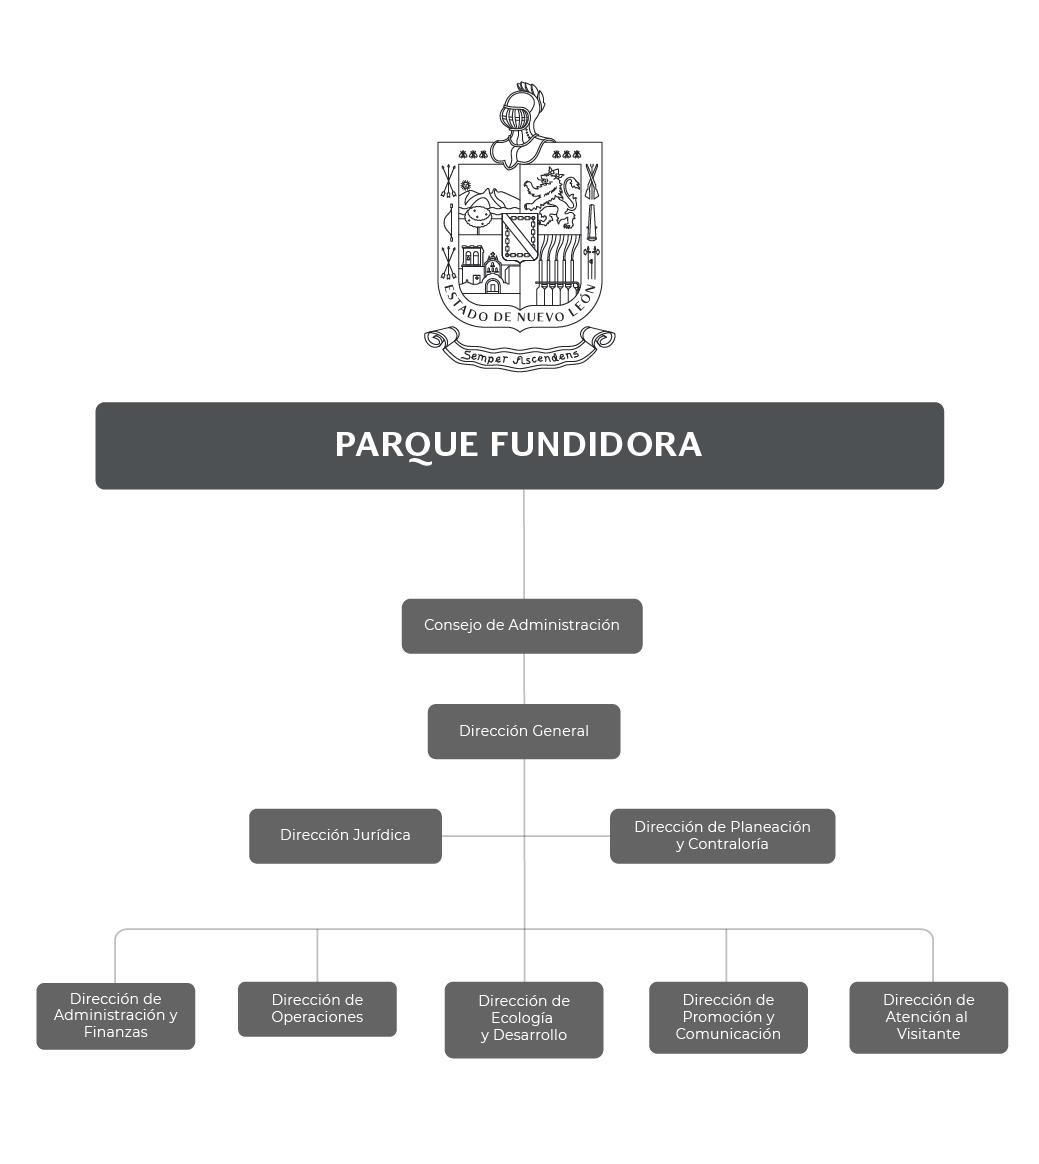 Organigrama del Parque Fundidora